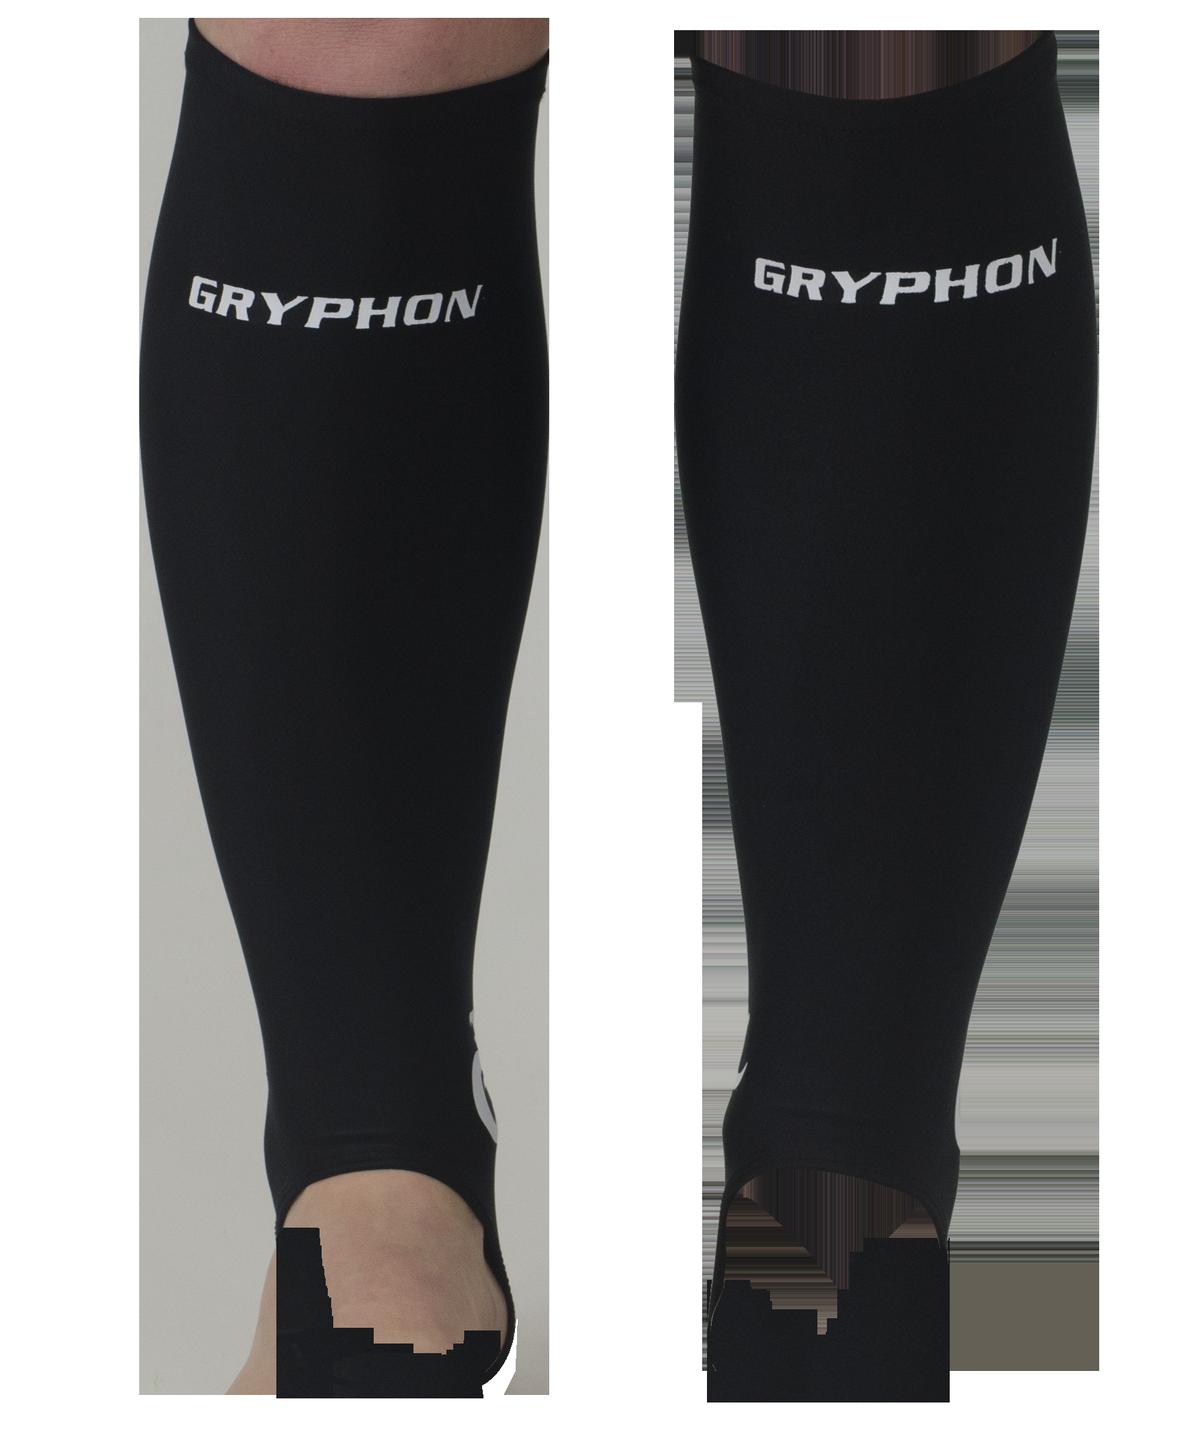 nouveau produit 6189e 6ab29 Sous chaussette GRYPHON Inner socks